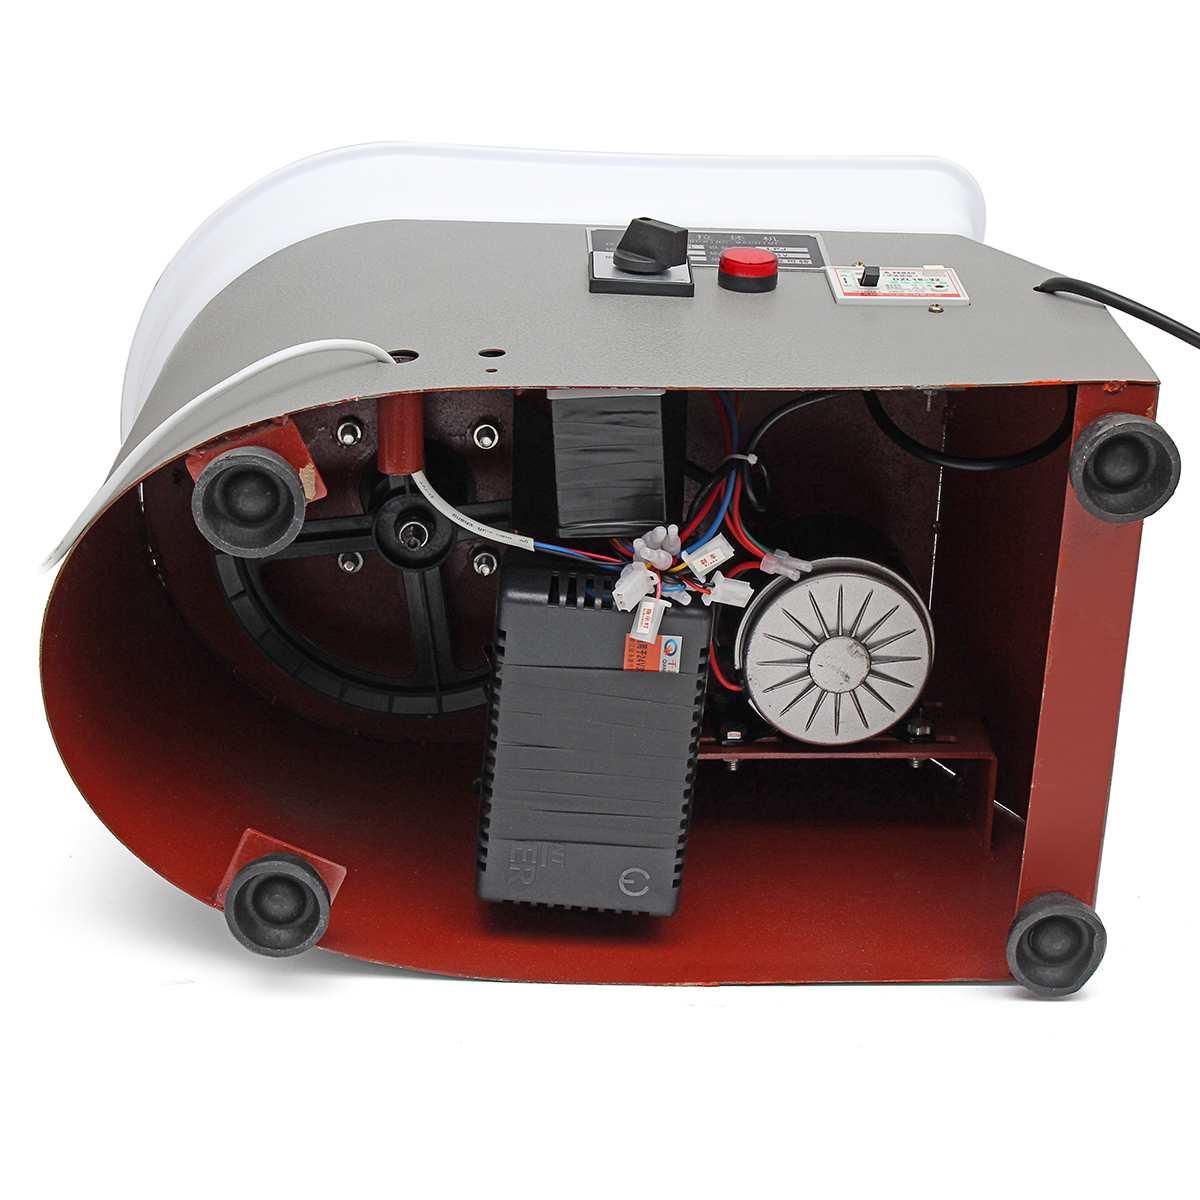 Poterie formant la Machine 220 V 350 W roue de poterie électrique argile pour travaux pratiques outil avec plateau pédale de pied Flexible pour céramique travail céramique - 4